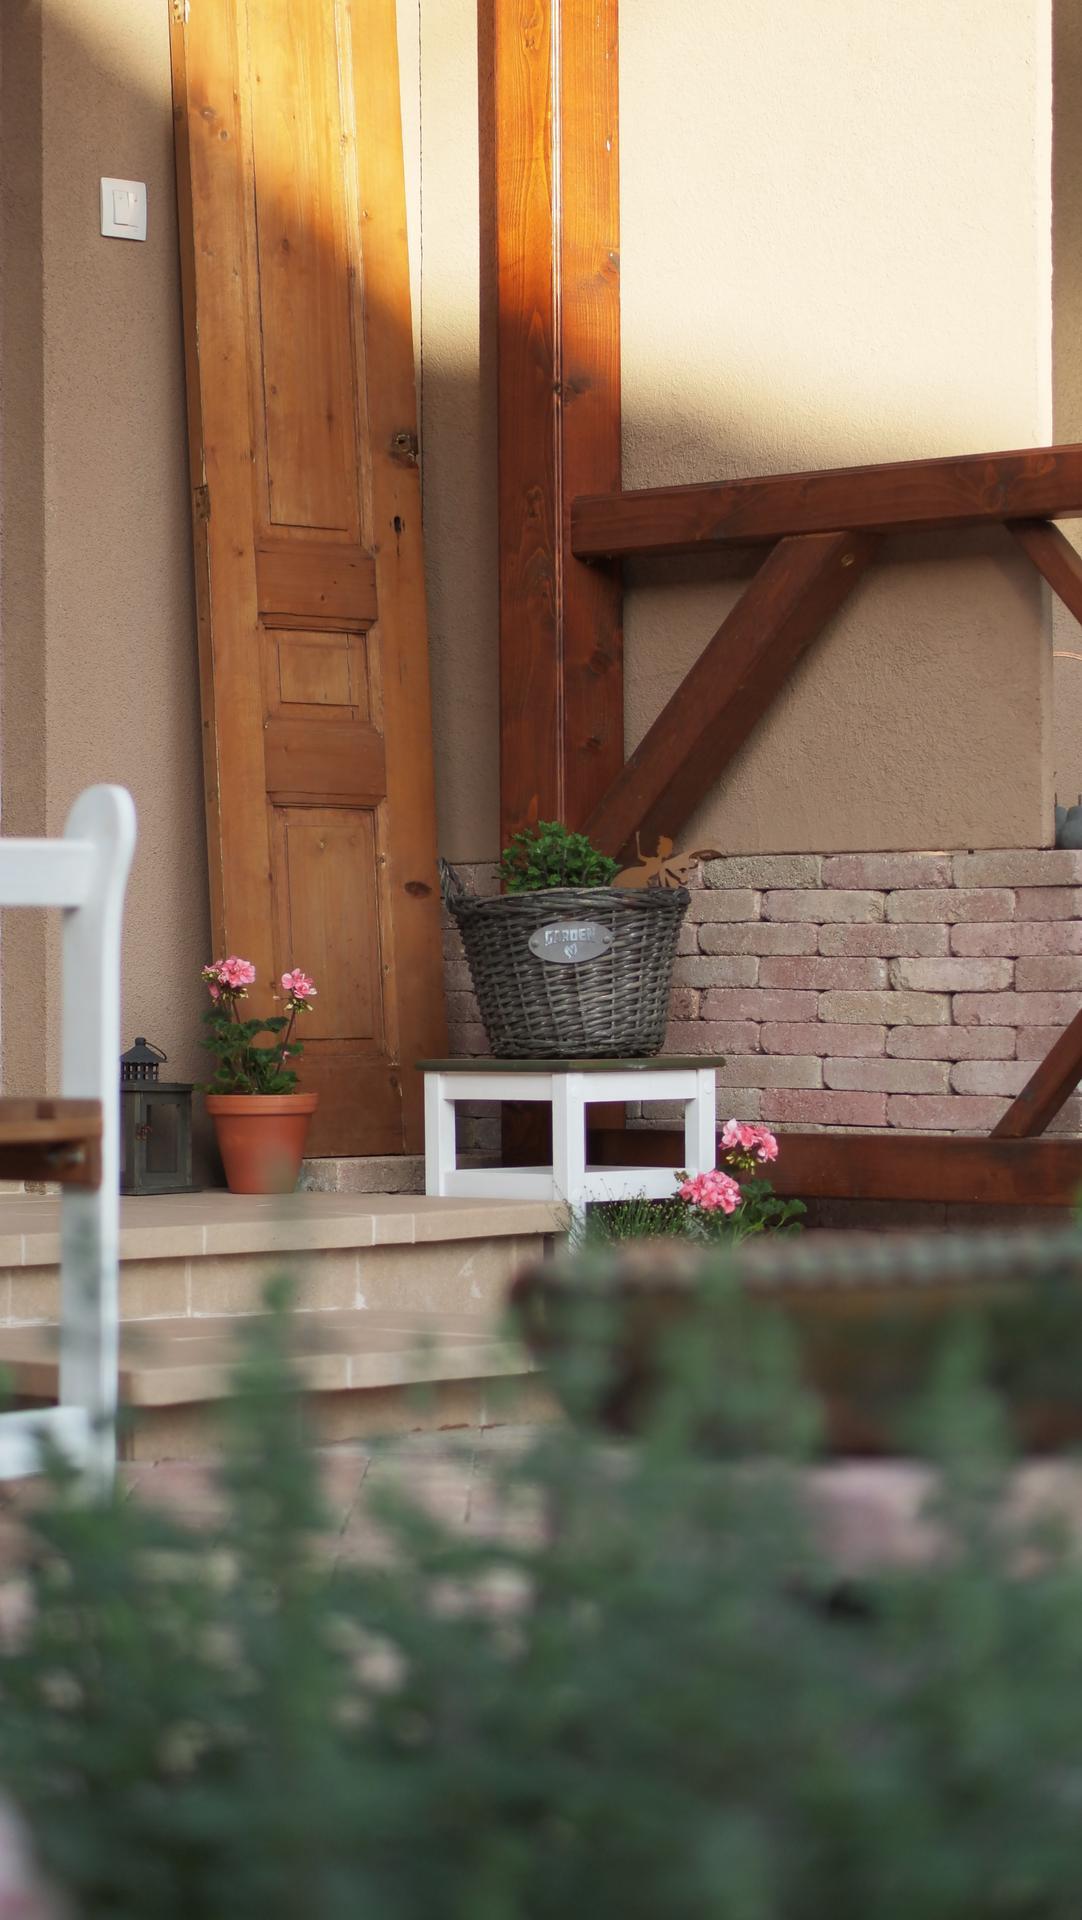 Náš domček ♡ Bramasole ♡ ... Stilo interiér aj exteriér 4. rok bývania - Obrázok č. 77